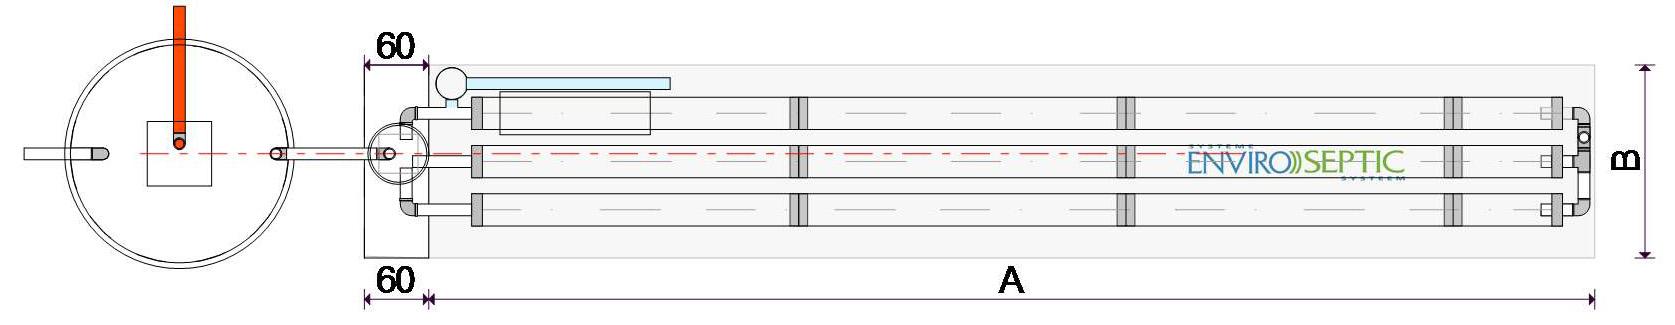 2-4-6-PH3-ventilation - event haut 2